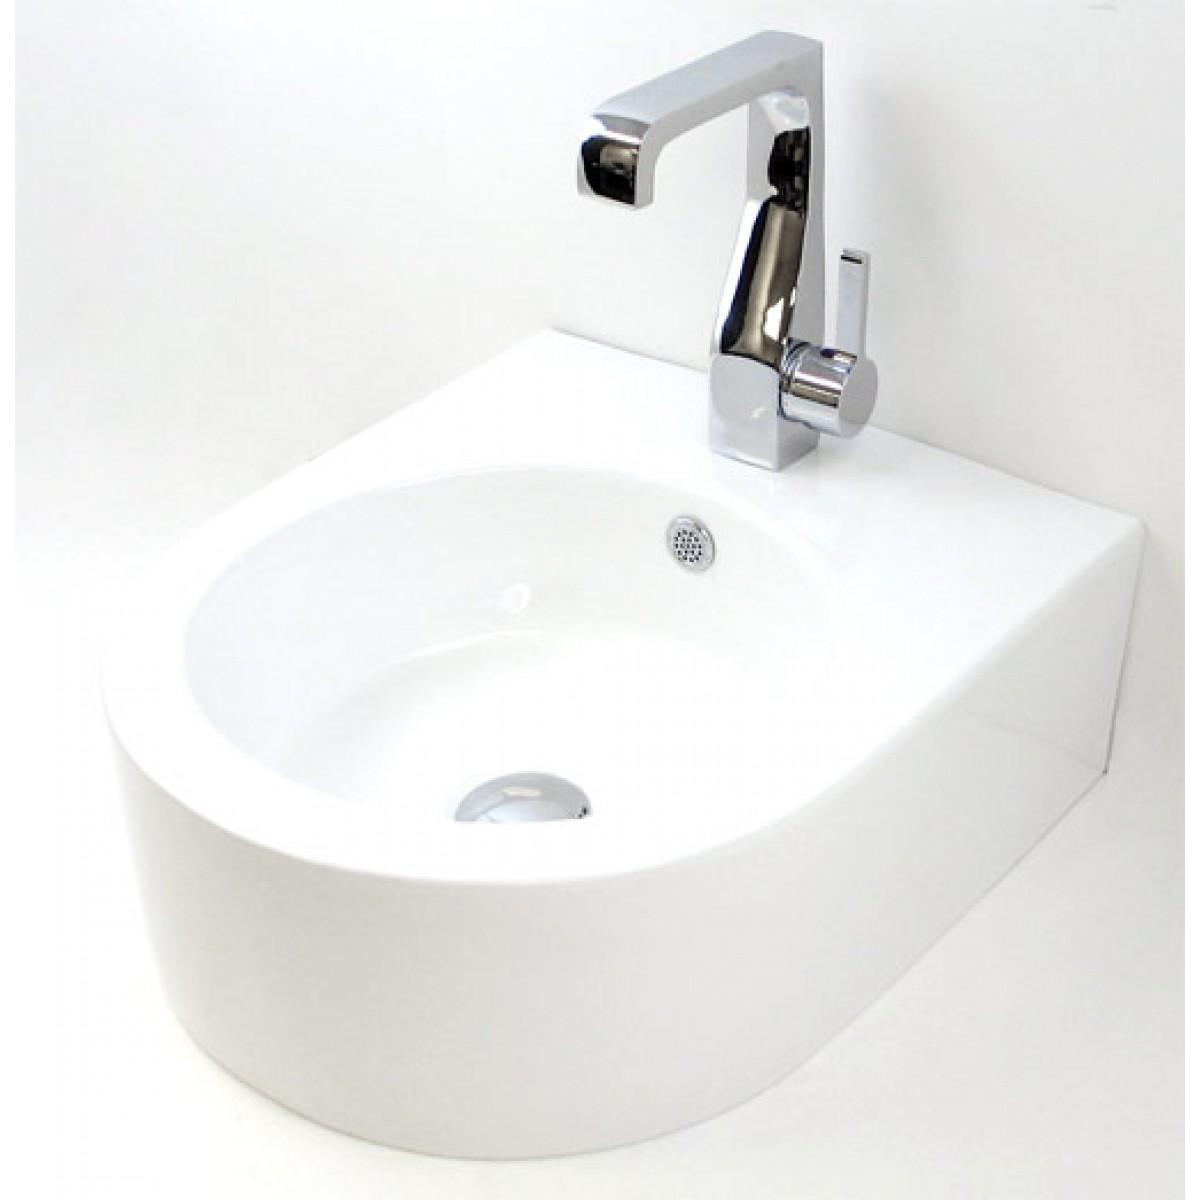 porcelain ceramic single hole bathroom sink 22 x 18 x 6 1 2 inch